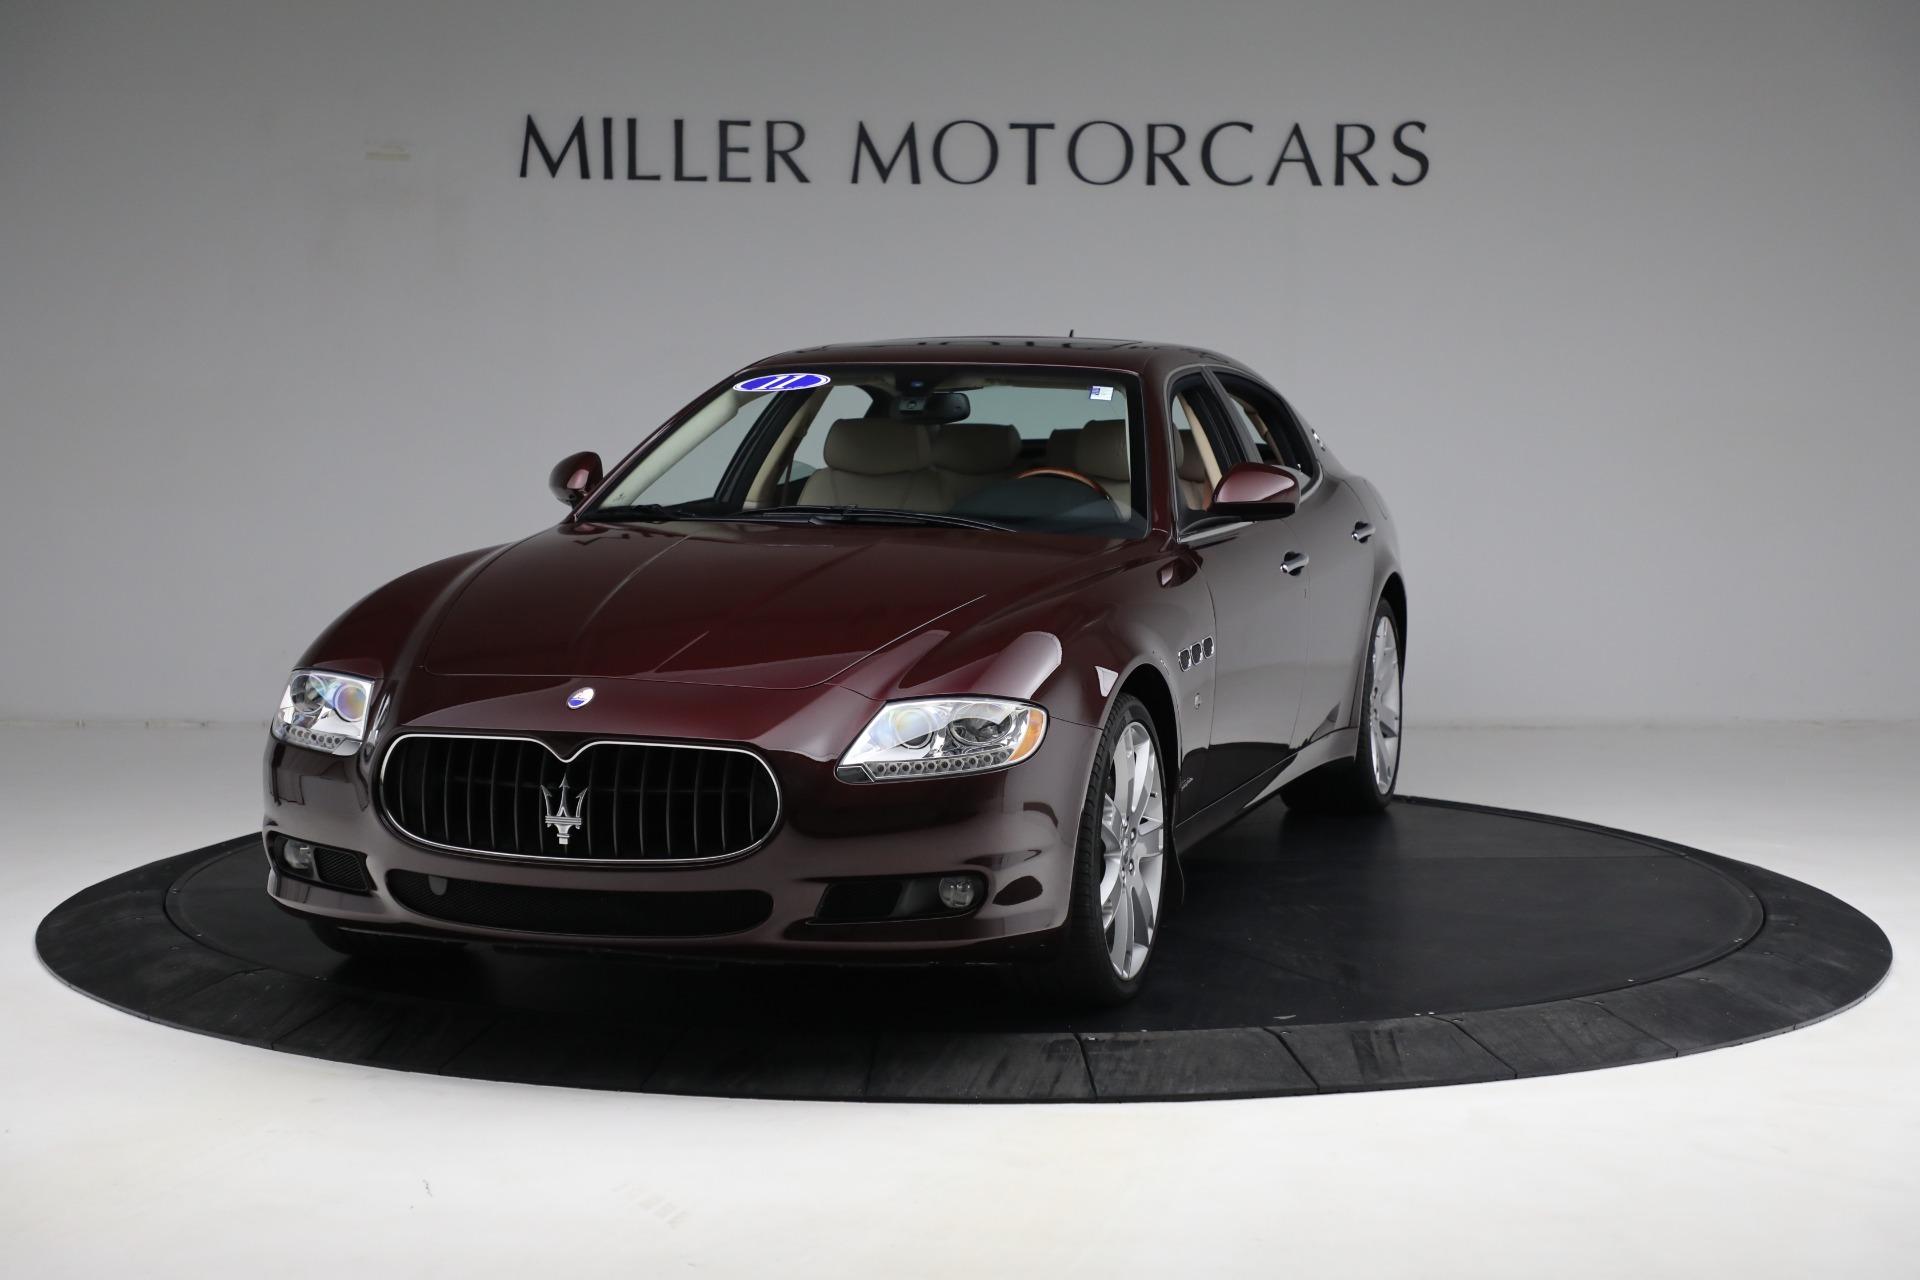 Used 2011 Maserati Quattroporte  For Sale In Westport, CT 552_p2